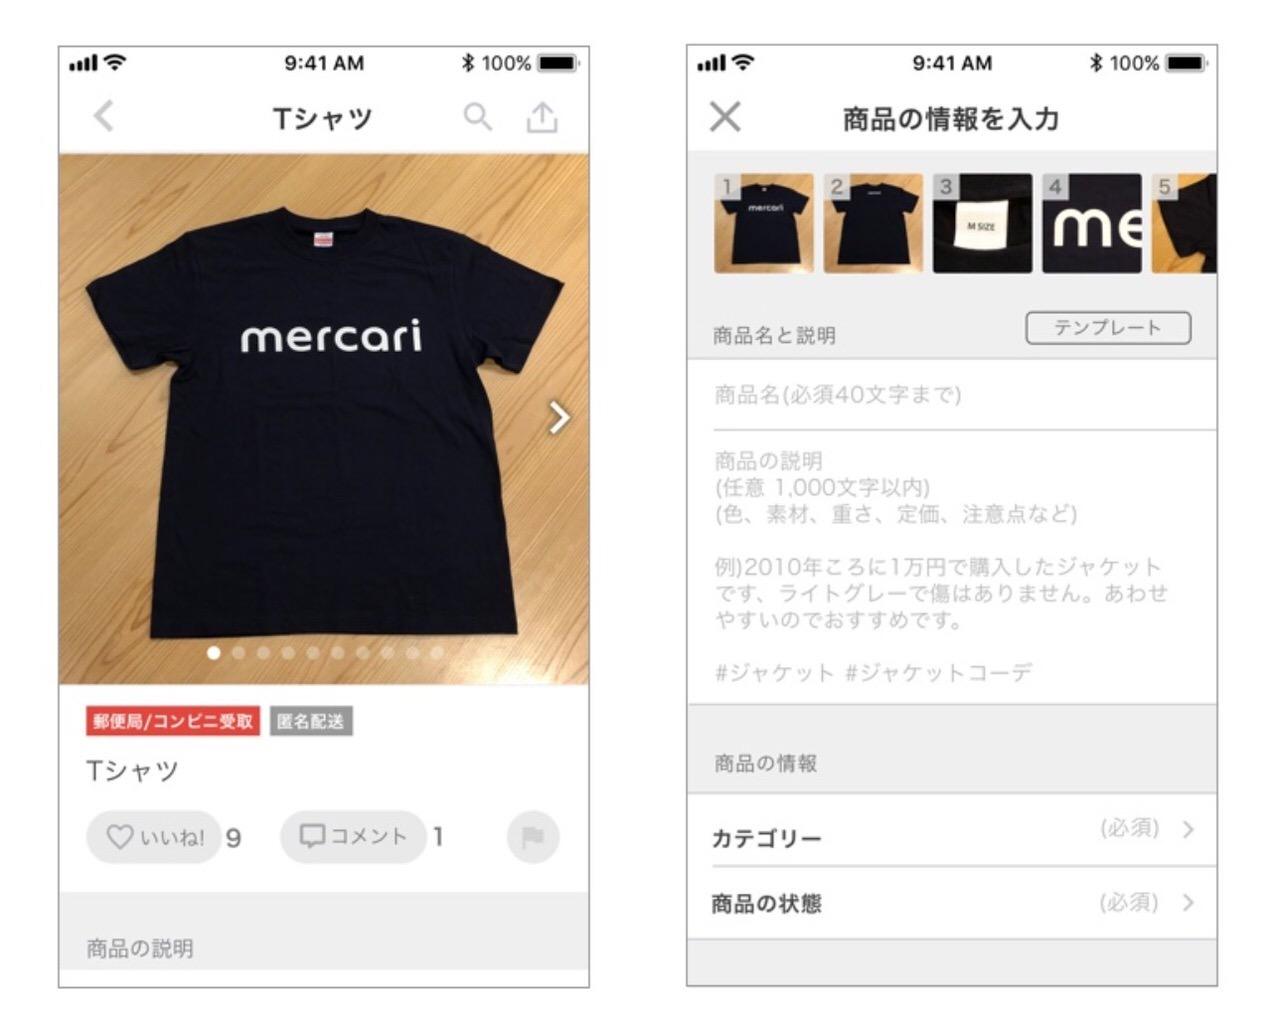 【メルカリ】商品画像の掲載が4枚→10枚に